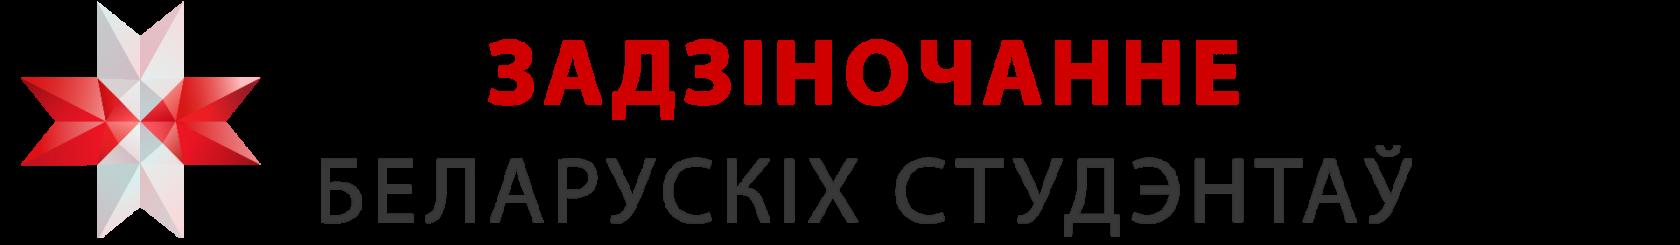 Задзіночанне Беларускіх Студэнтаў